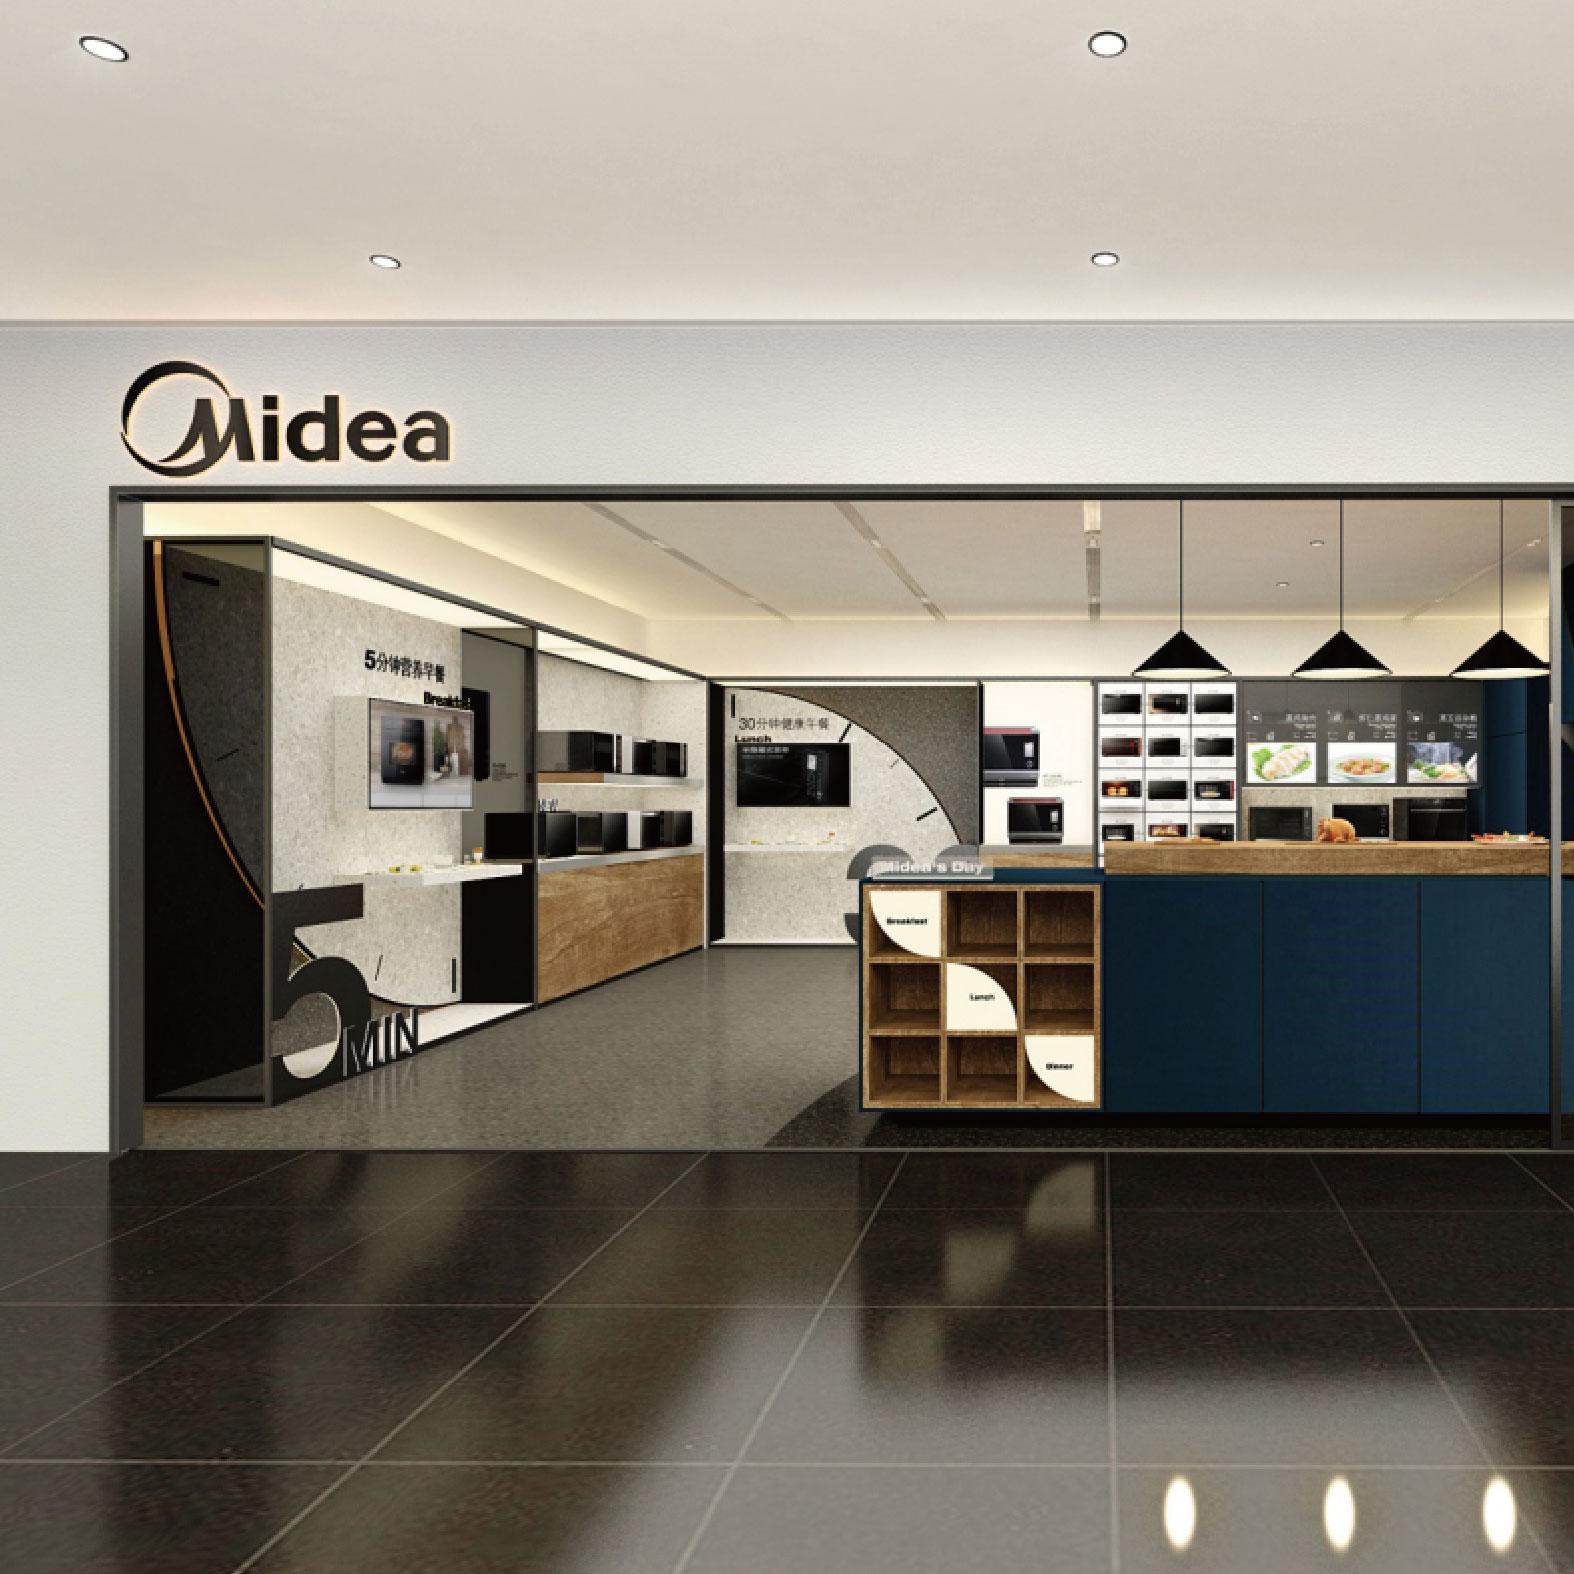 Store Design for Midea Micro Steam Oven